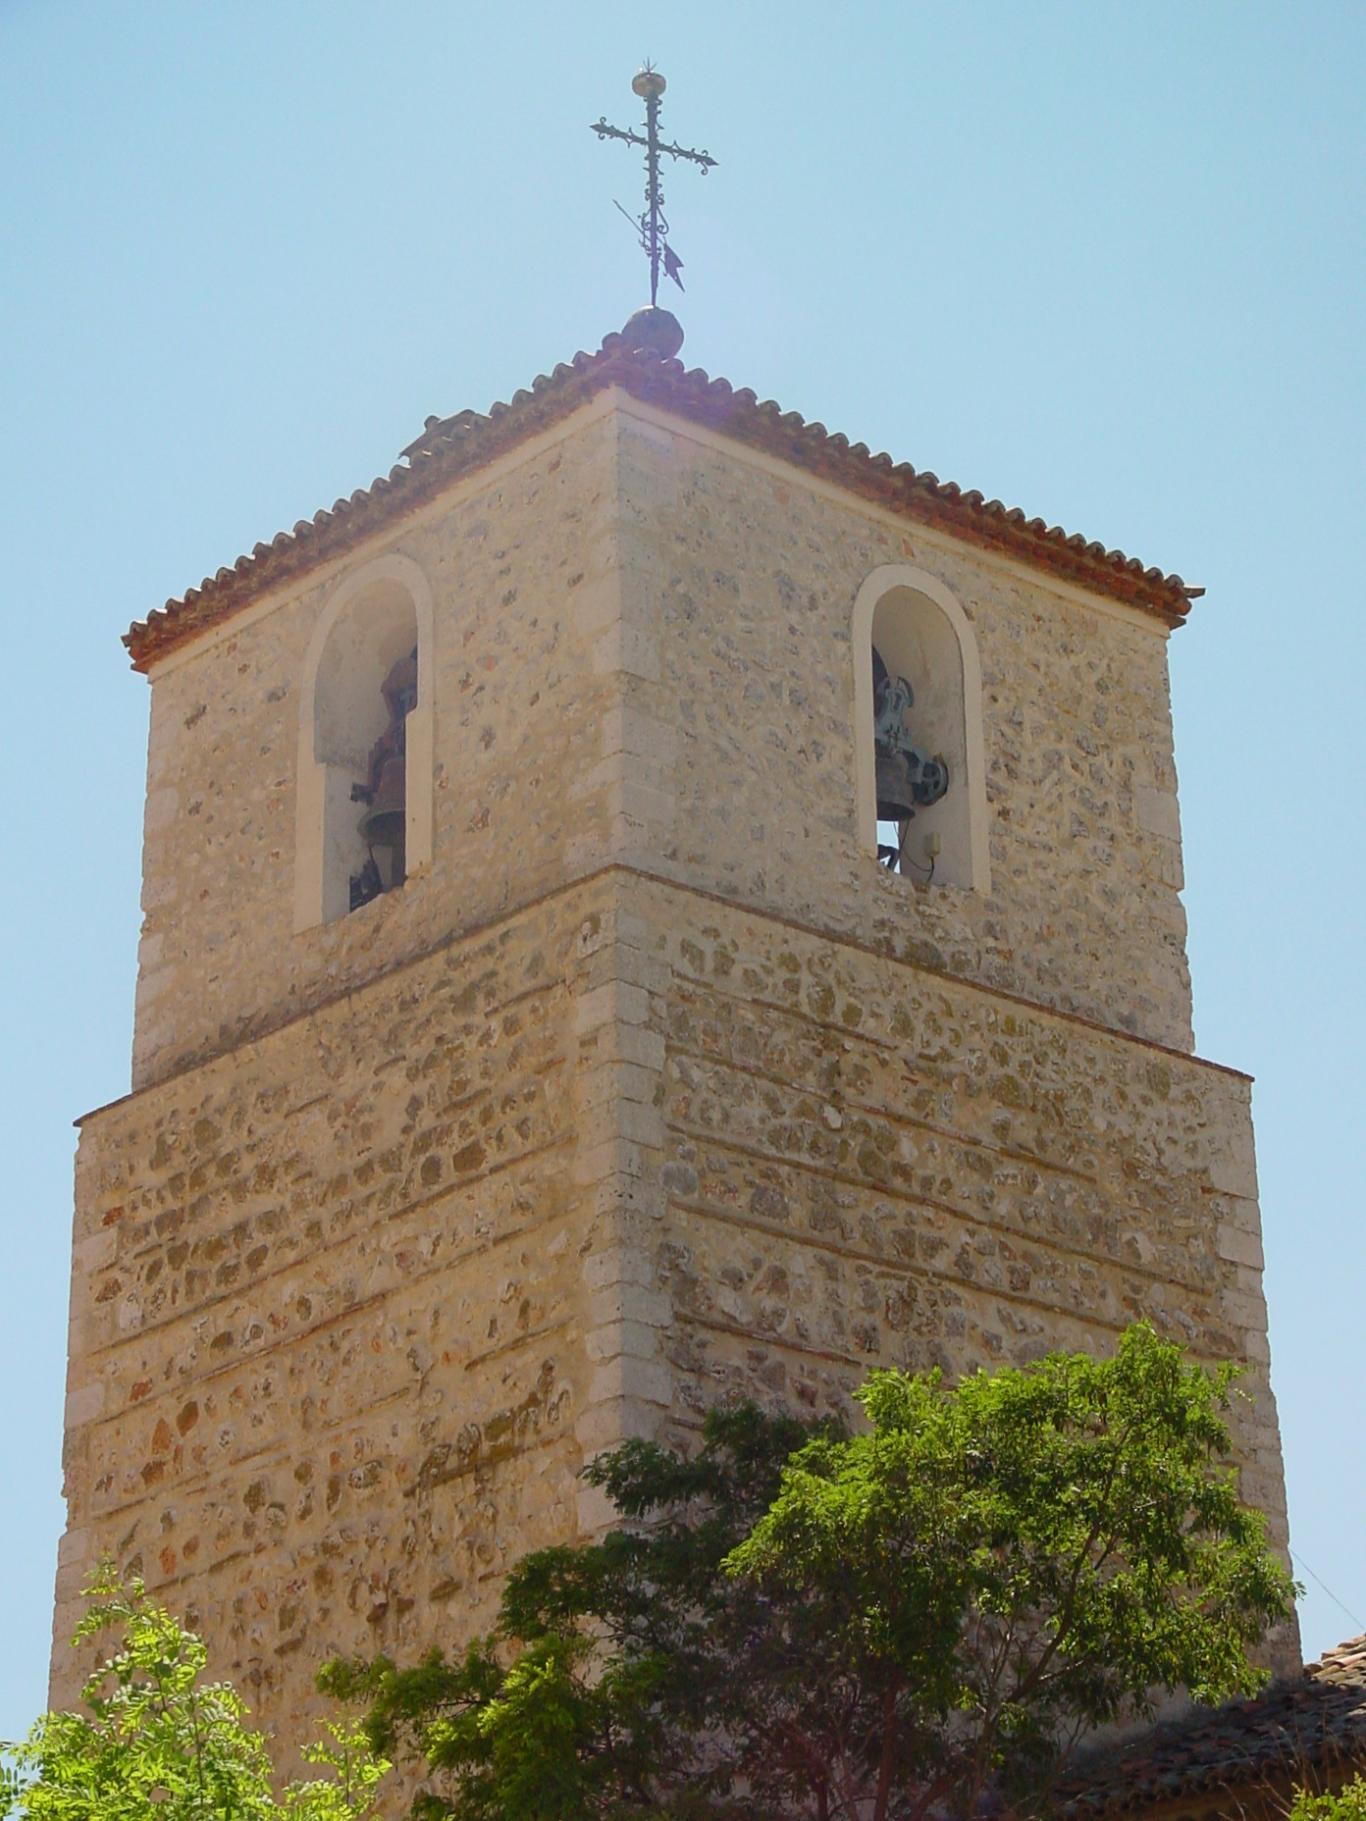 Alcarria madrileña. Pezuela de las Torres